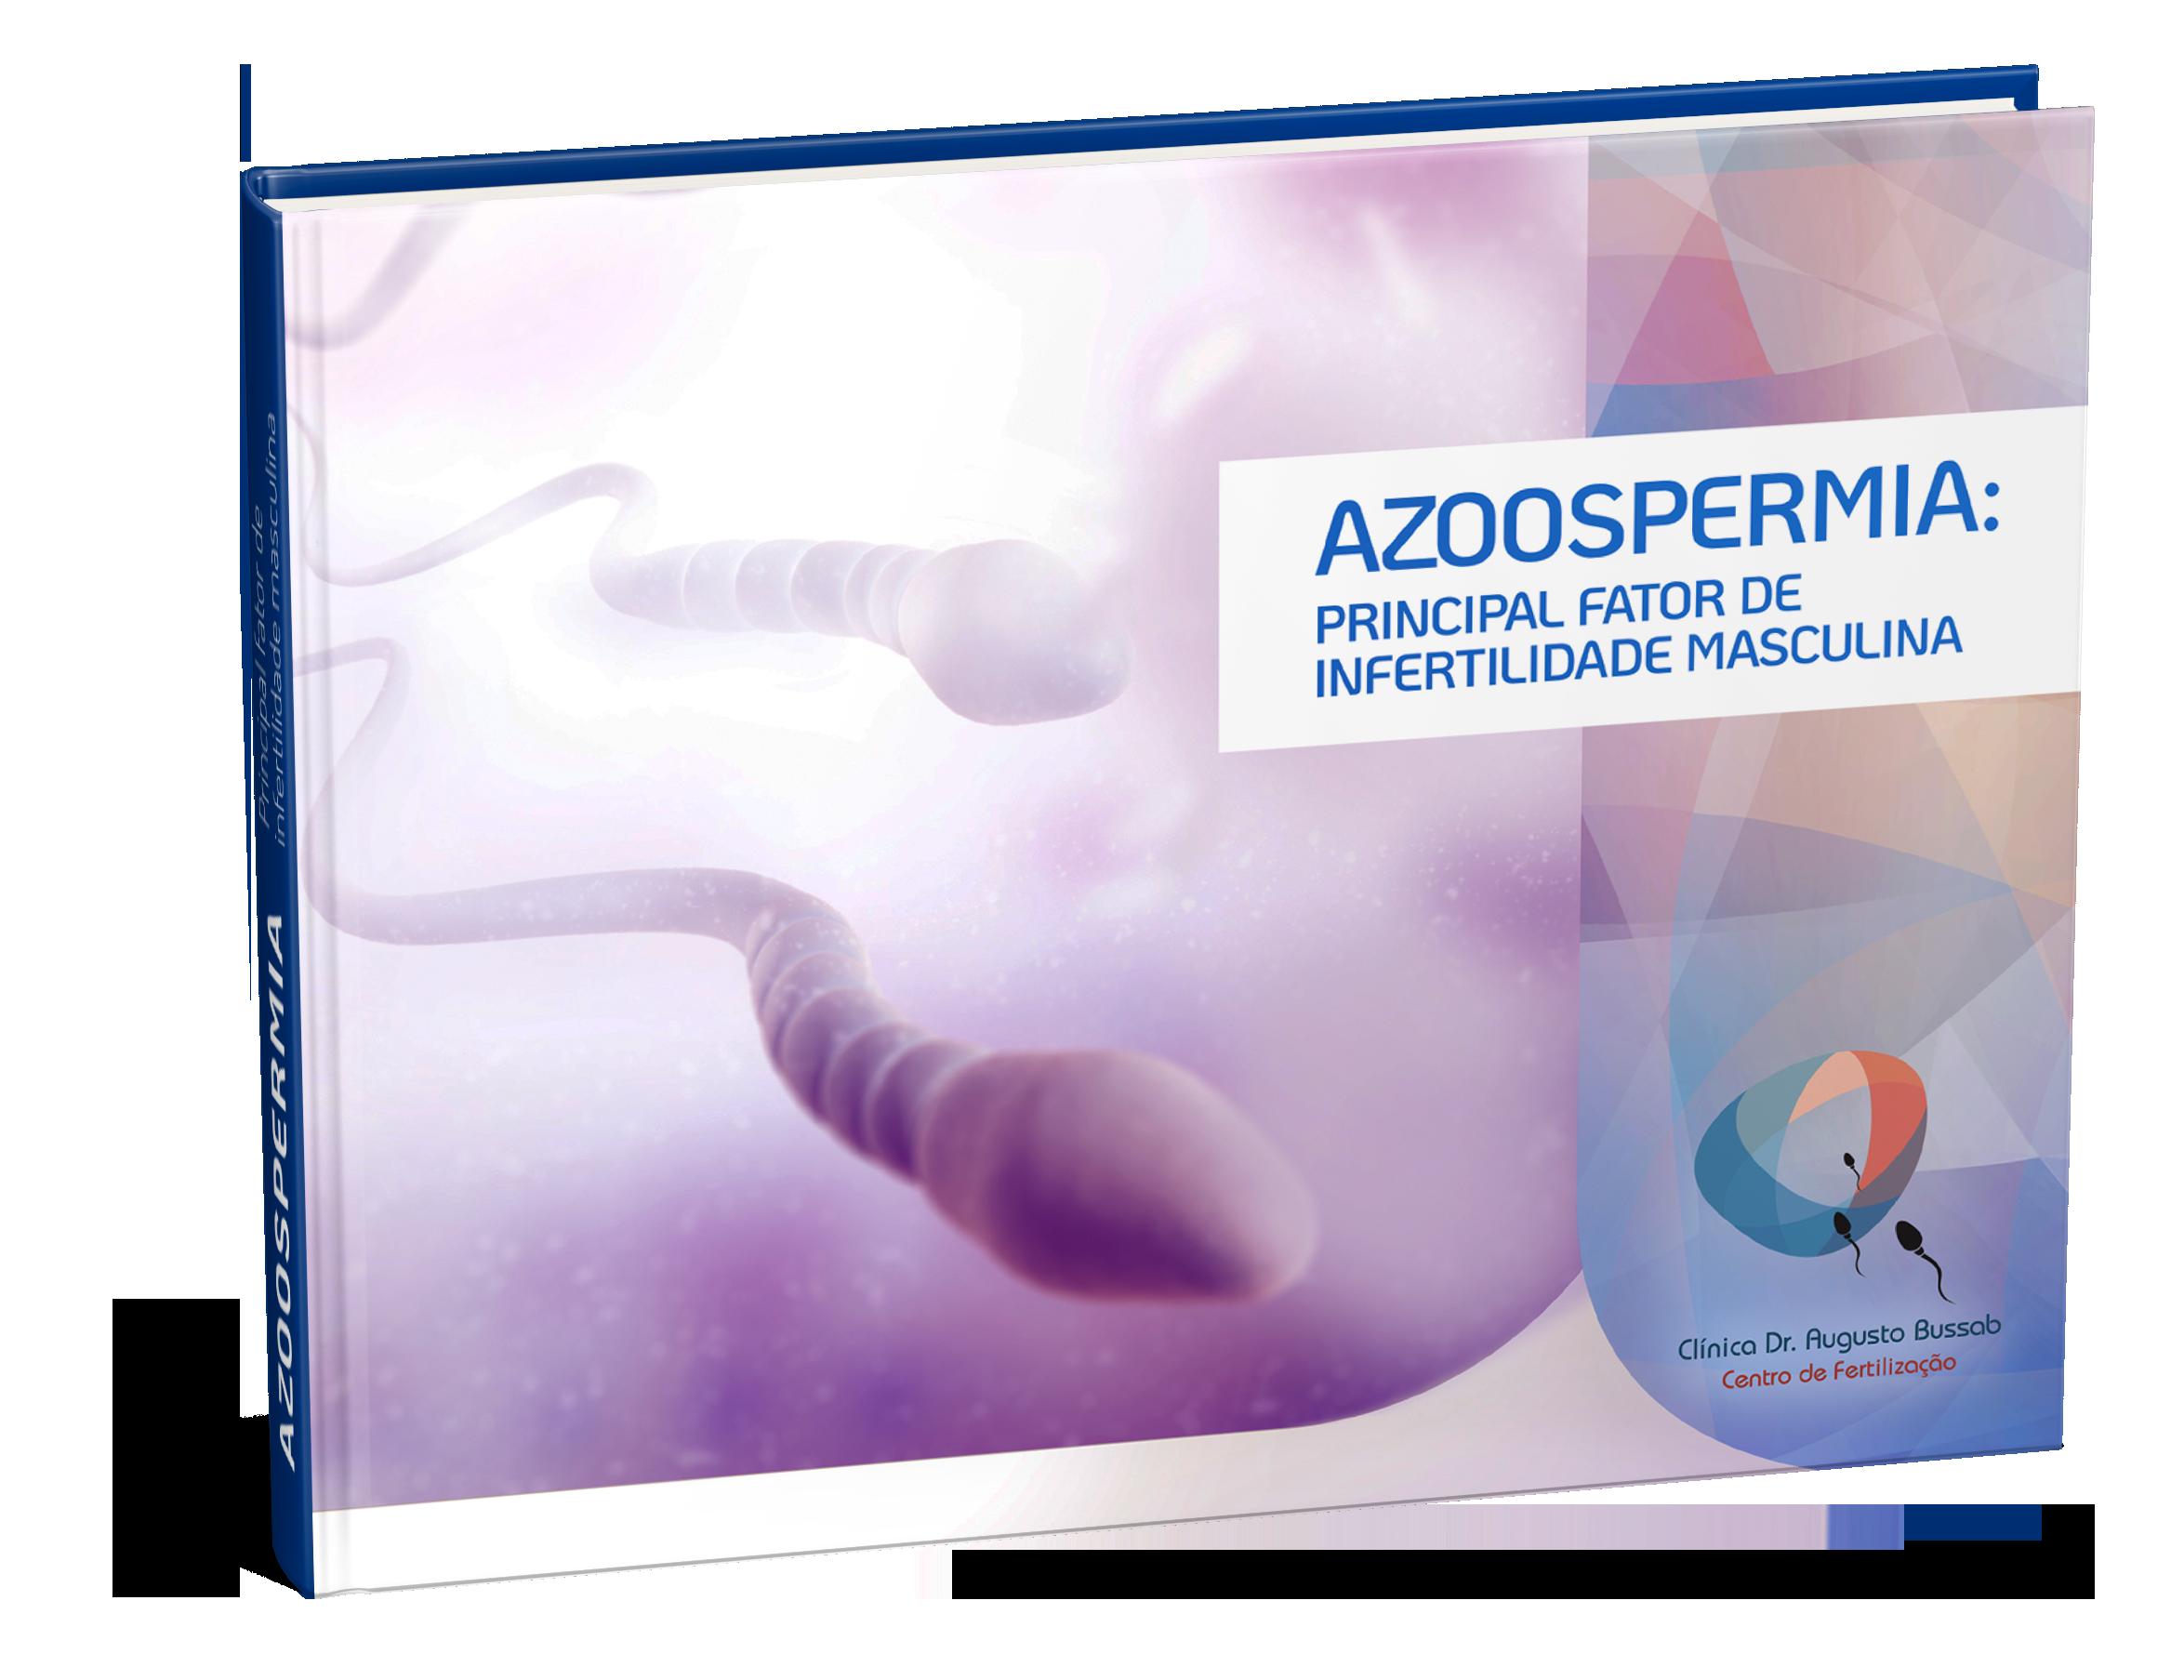 E-book | Azoospermia: principal fator de infertilidade masculina | Dr. Augusto Bussab